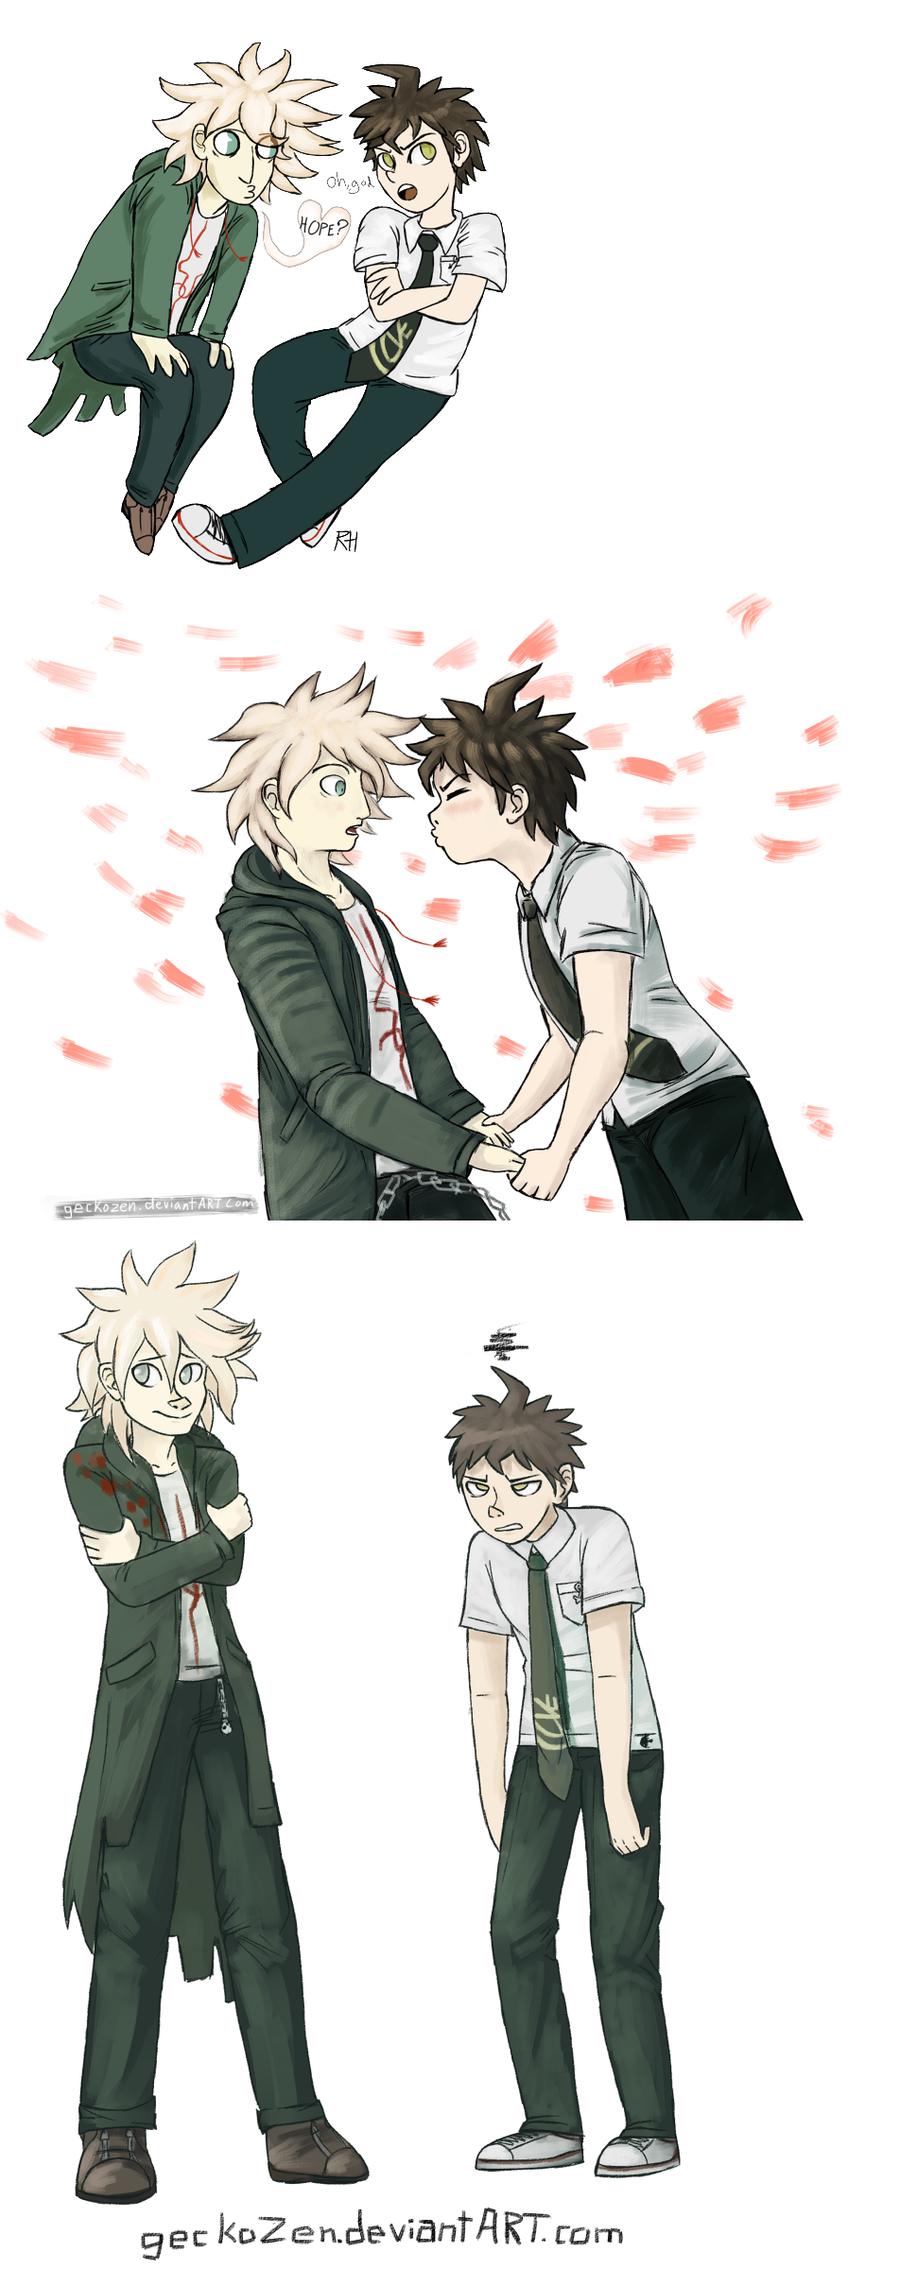 blushing meme